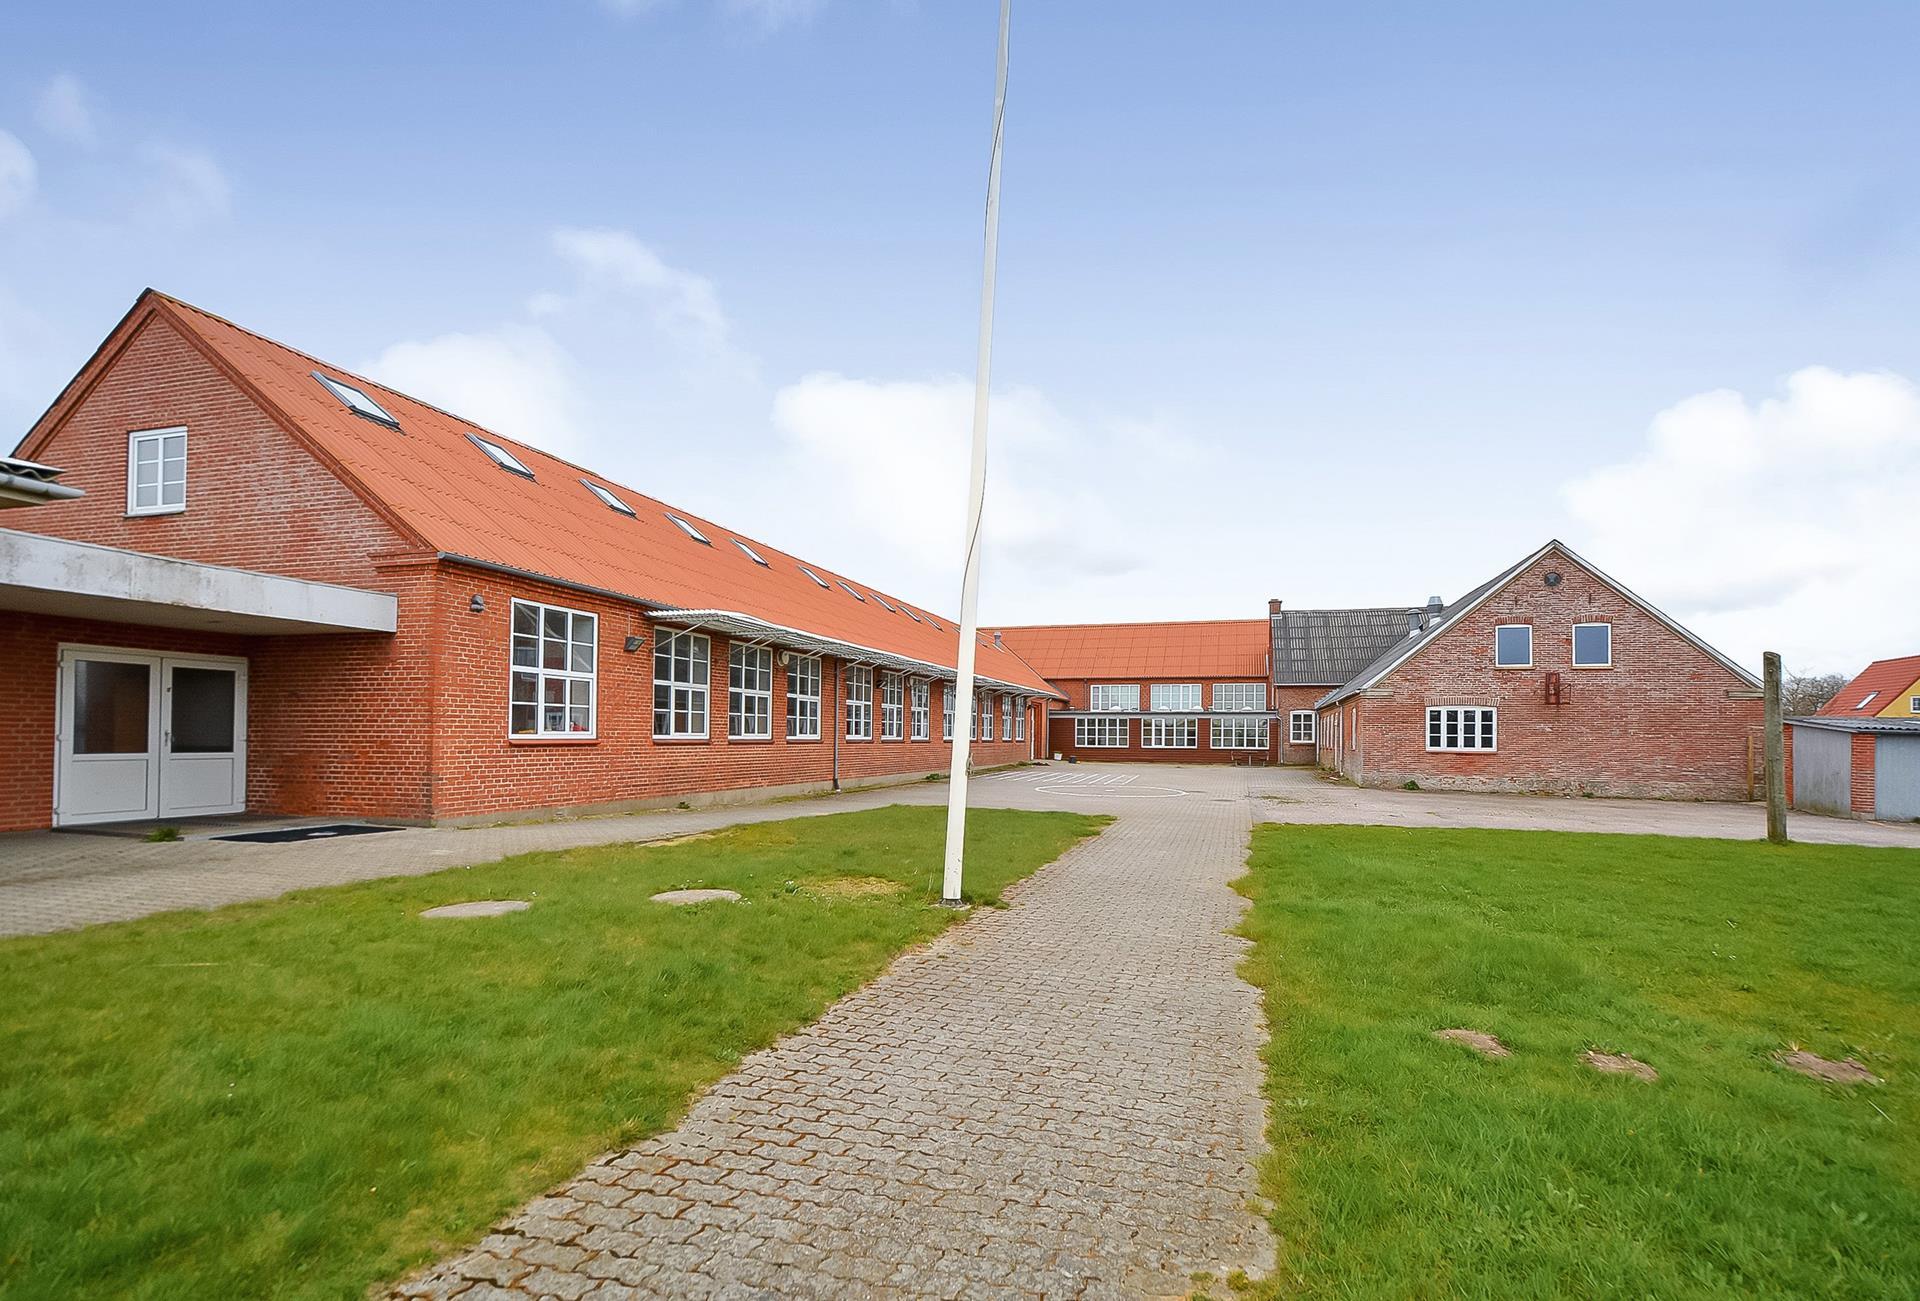 Bolig/erhverv på Skolevej i Skærbæk - Ejendommen